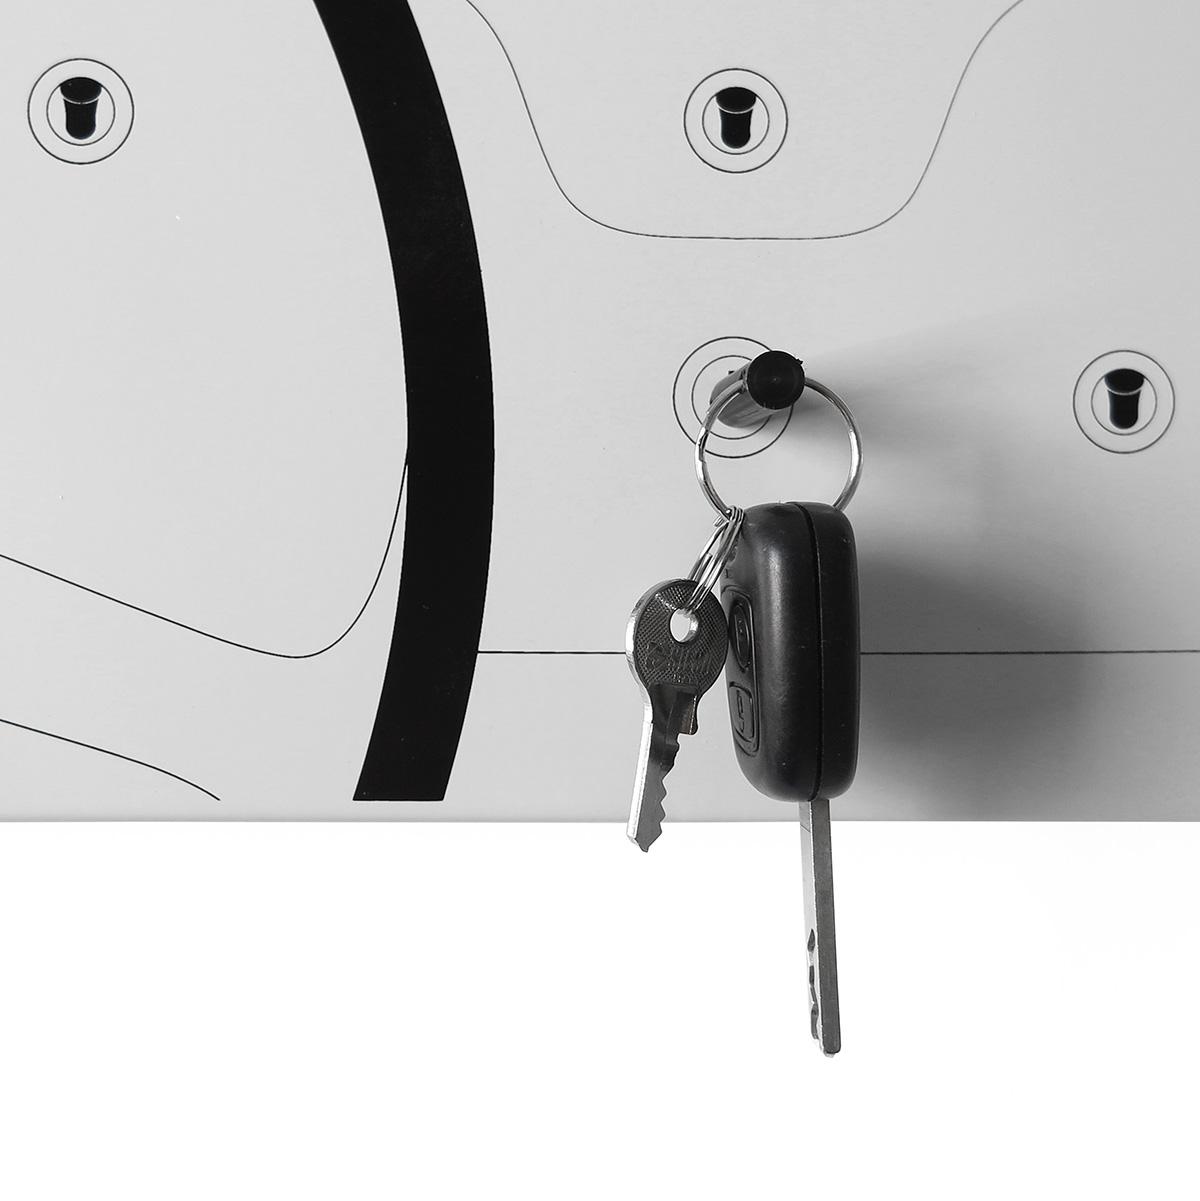 orologio-parete-lavagna-magnetica-design-wall-clock-magnetic-board-key-holder-cinquino